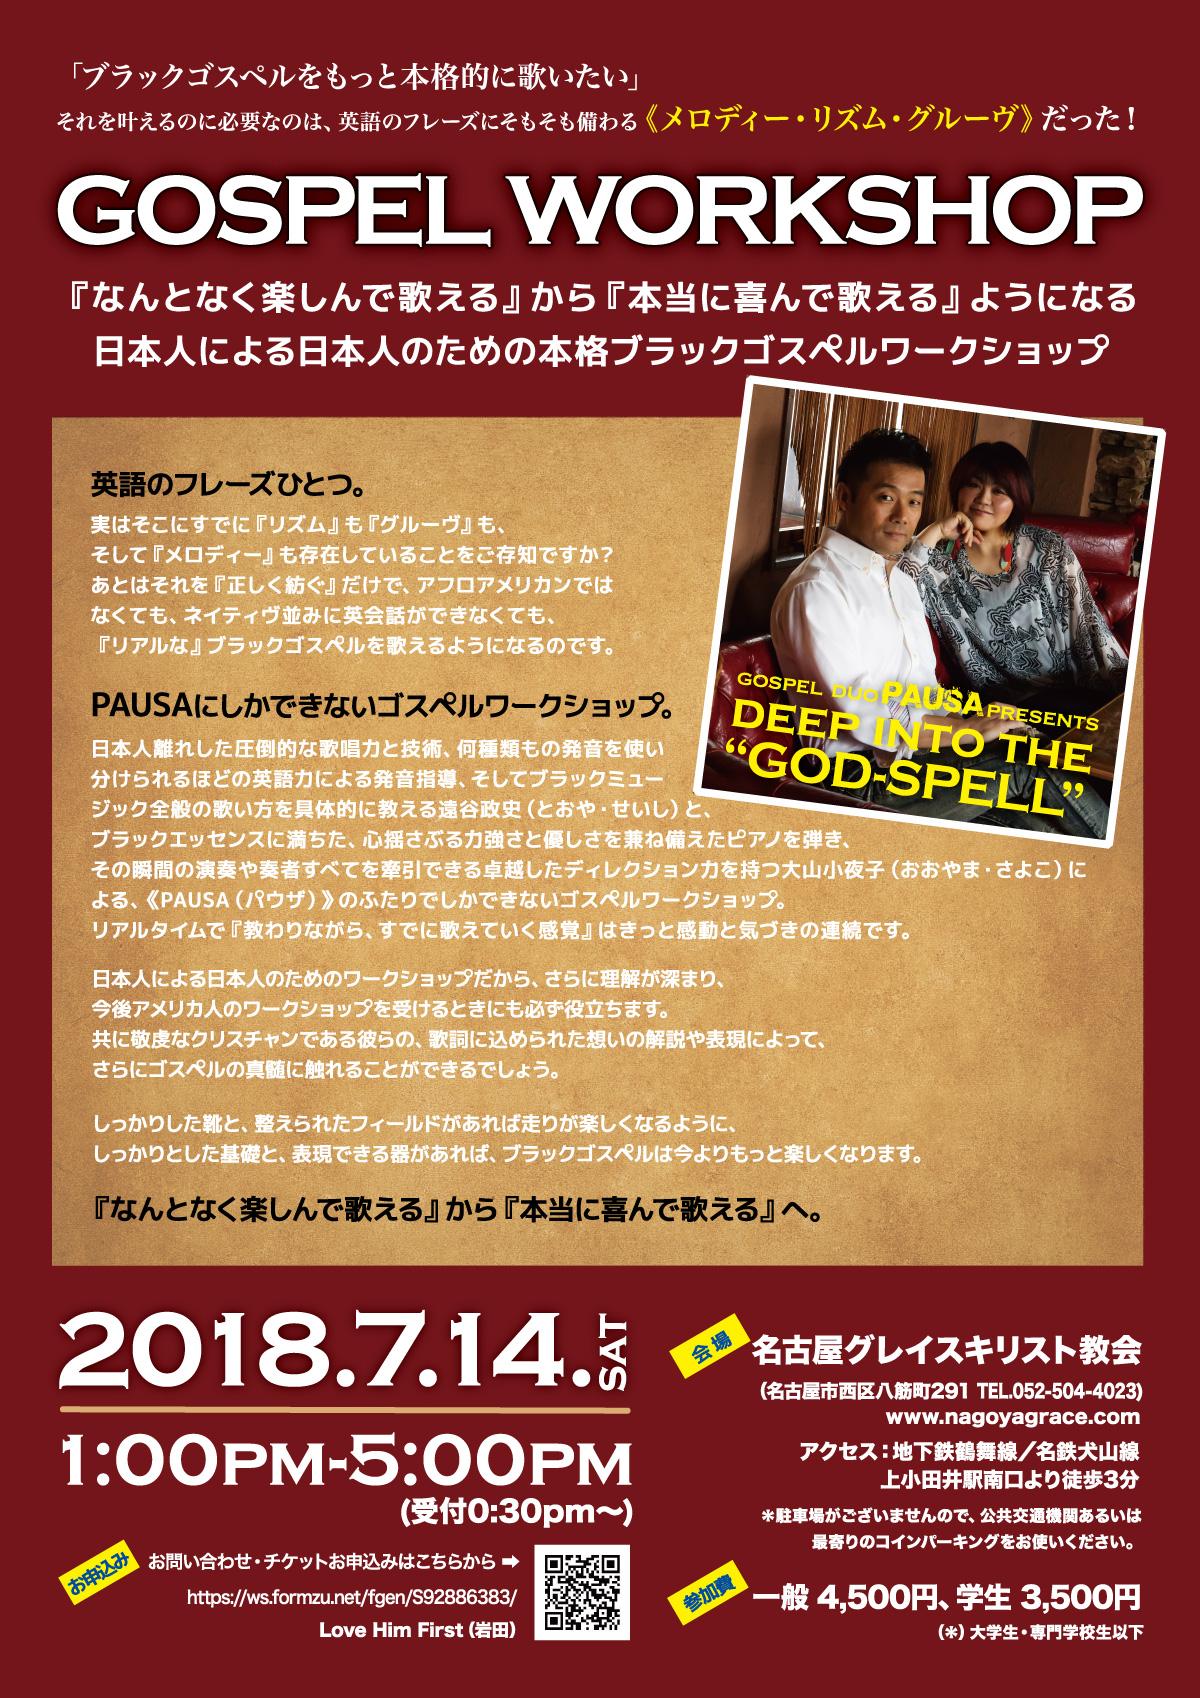 [2018.7.14 SAT] PAUSA ゴスペルワークショップ in 名古屋